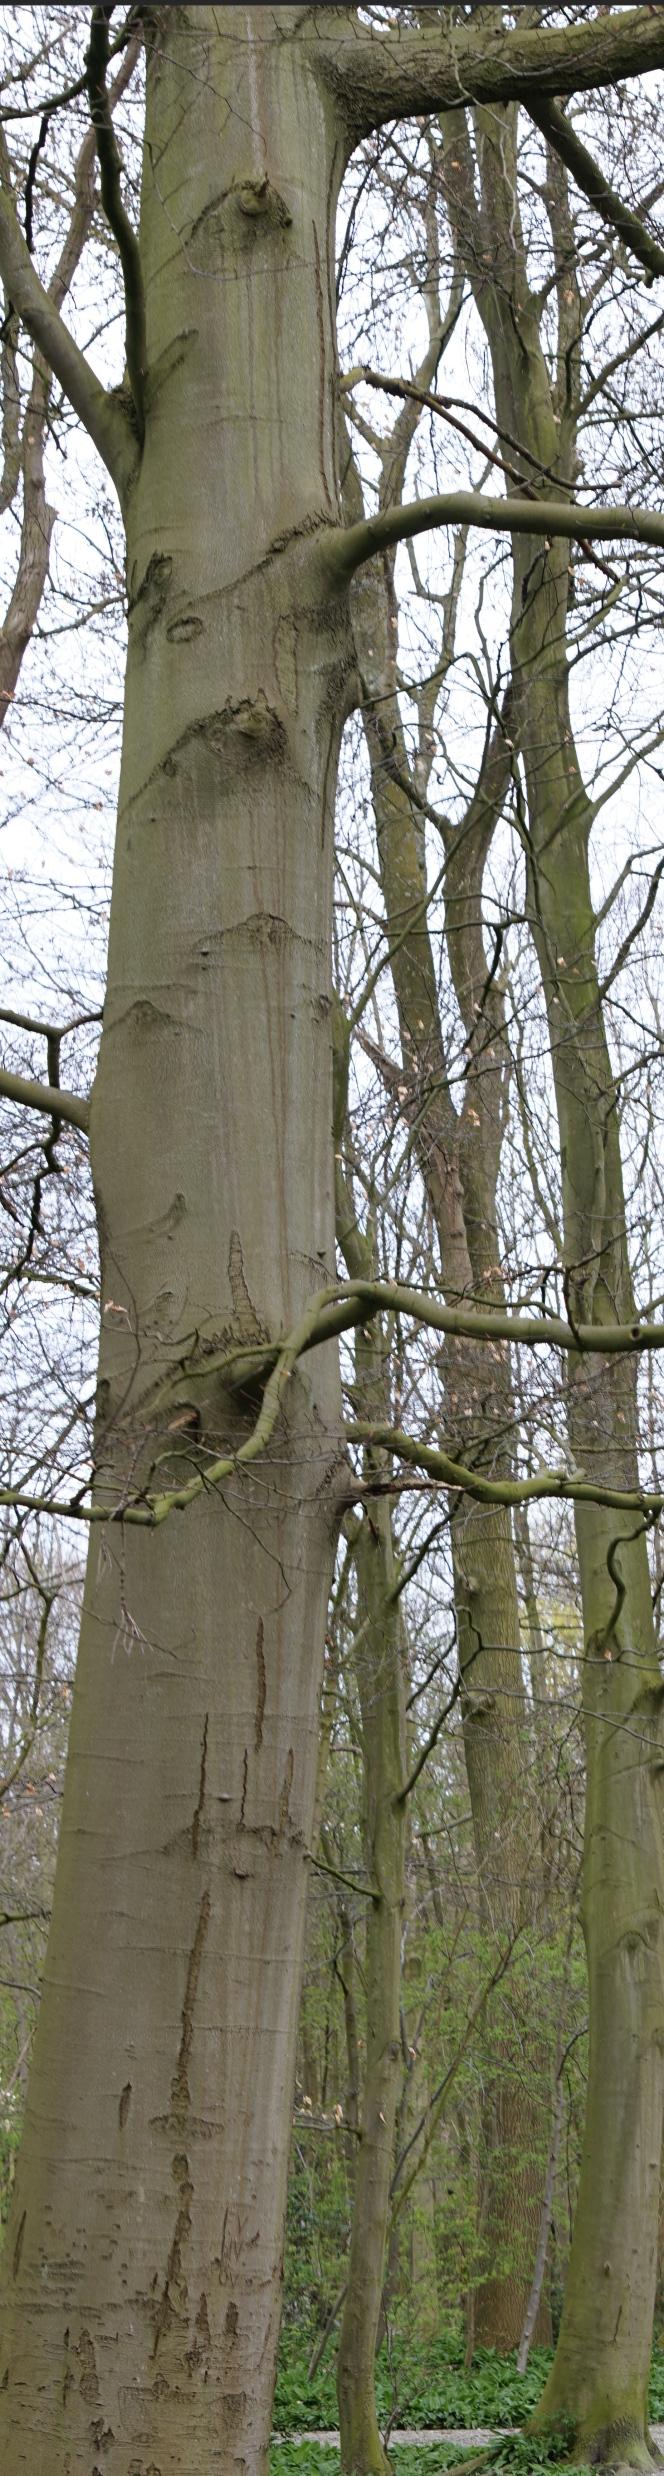 beukenboom, Leidse Hout